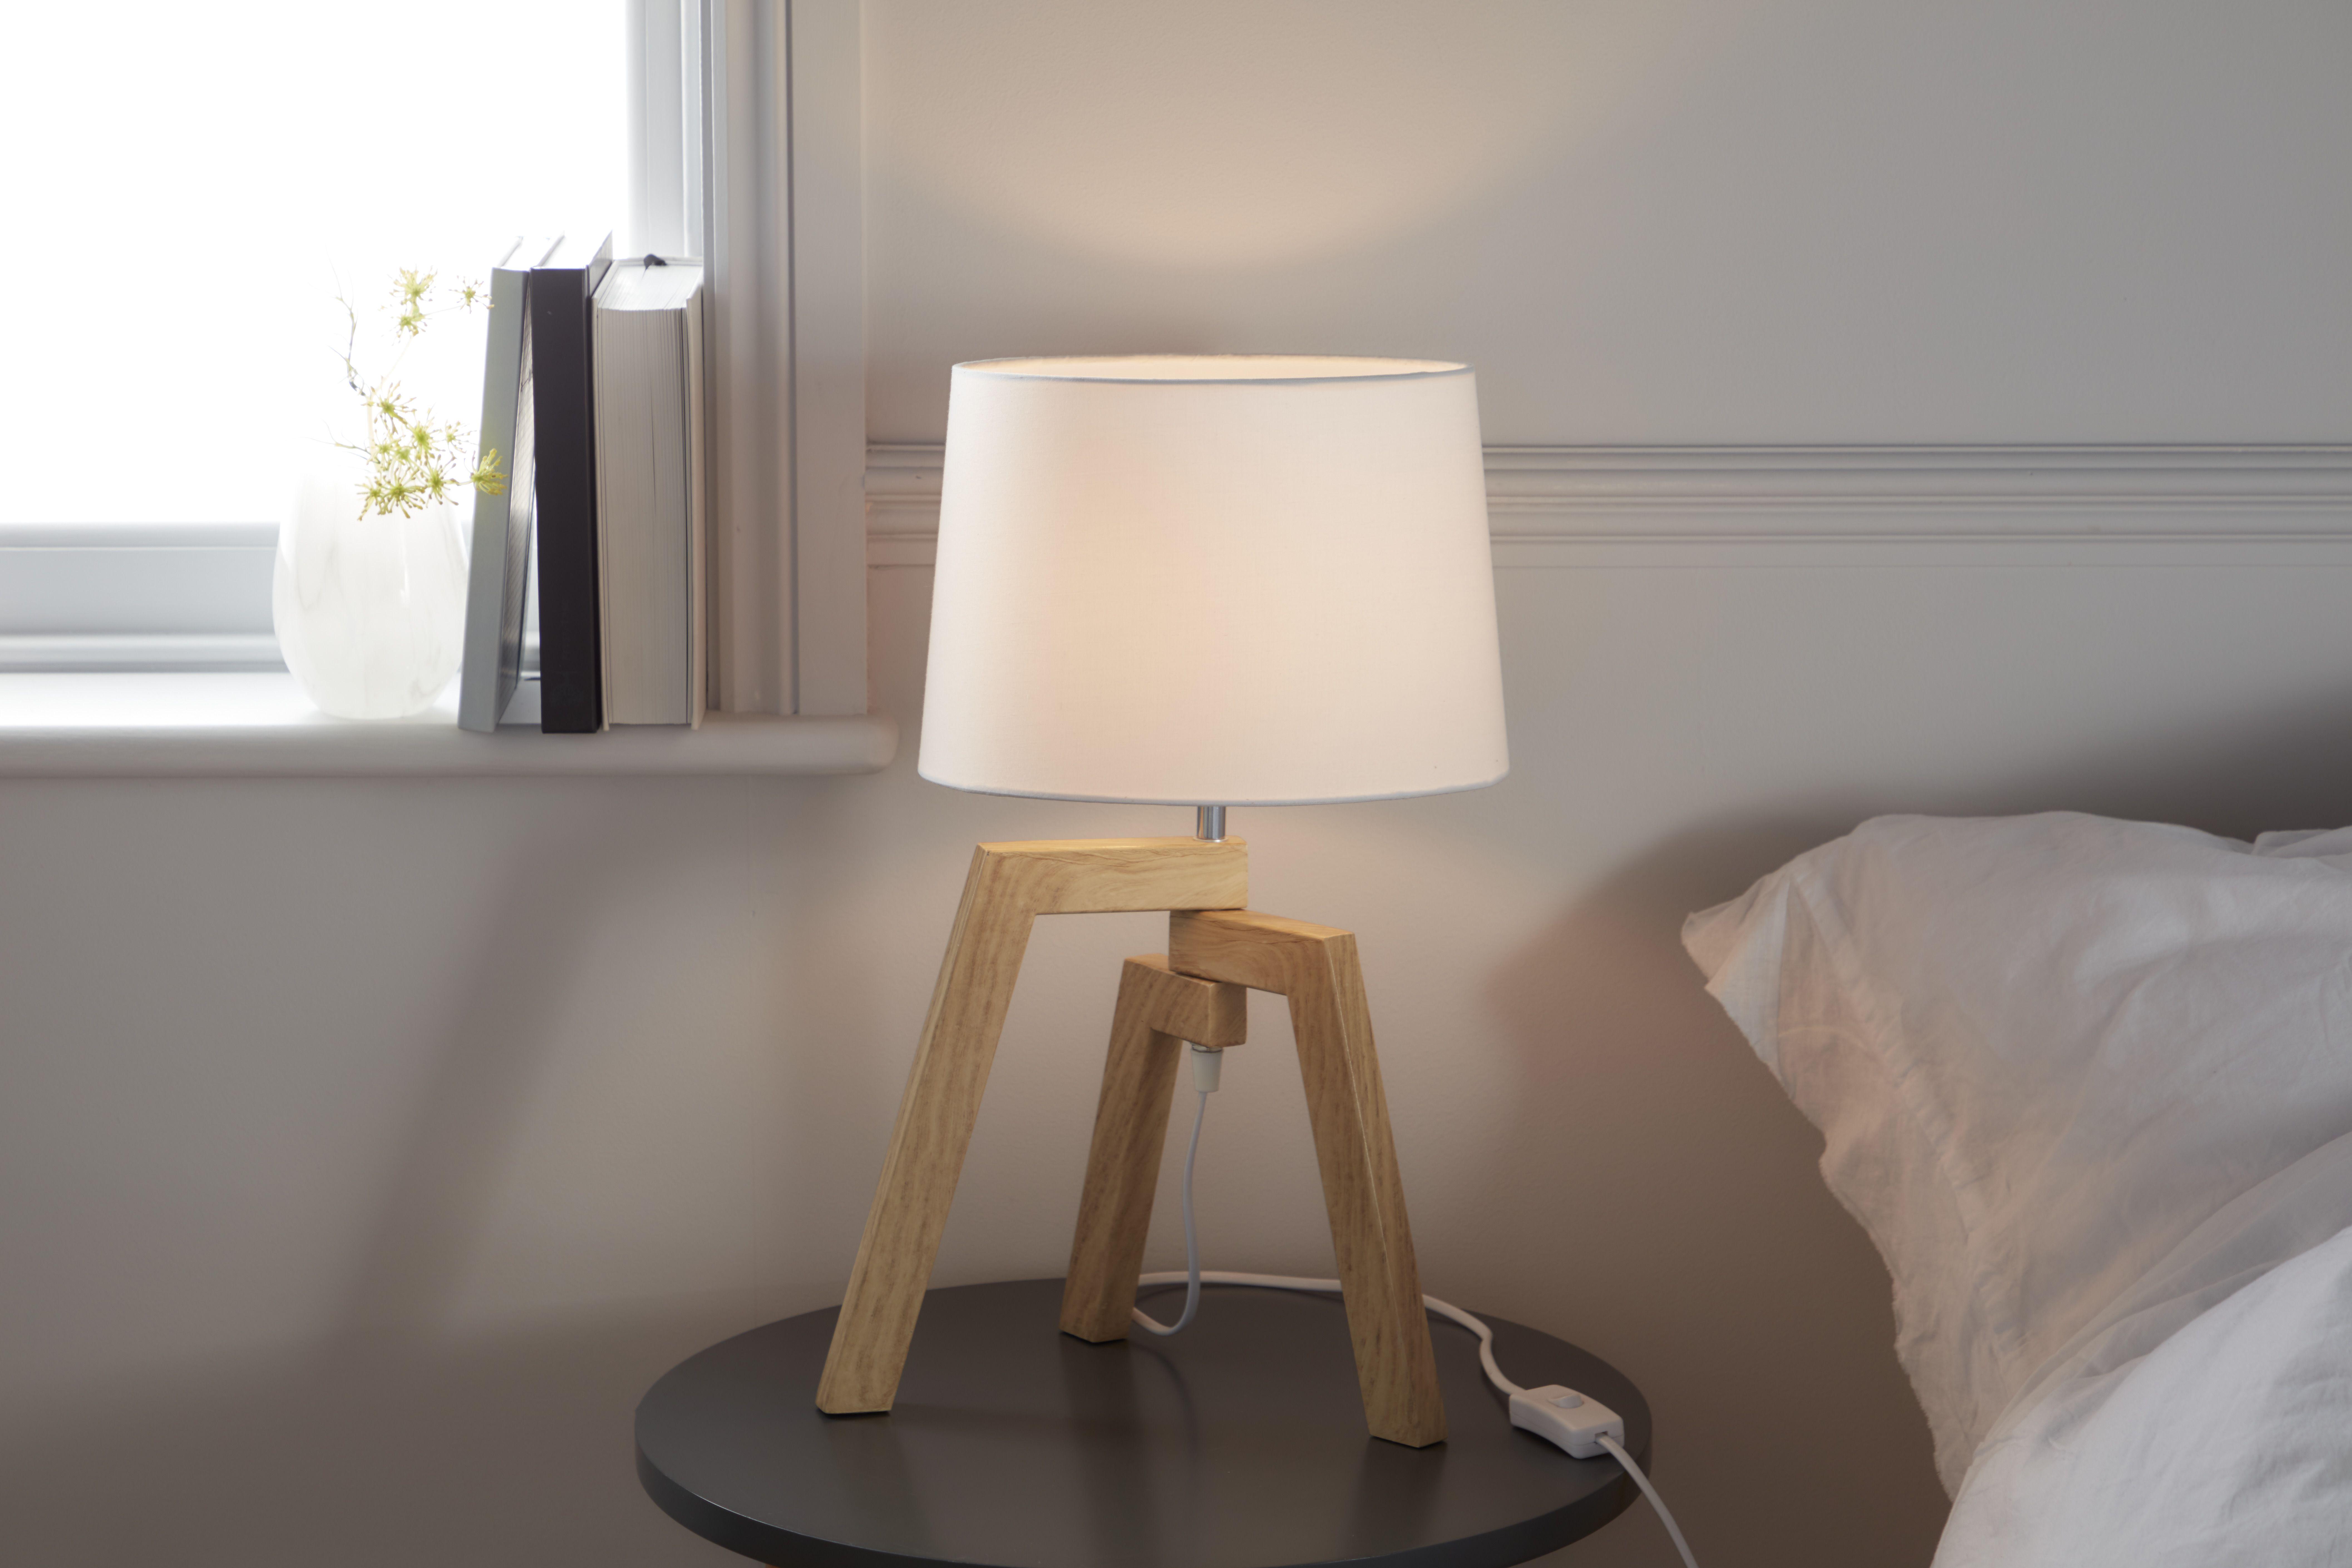 Lampa Stolowa Goodhome Trianoy 1 Punktowa E14 Biala Drewno Lampy Stolowe Home Decor Tripod Lamp Decor